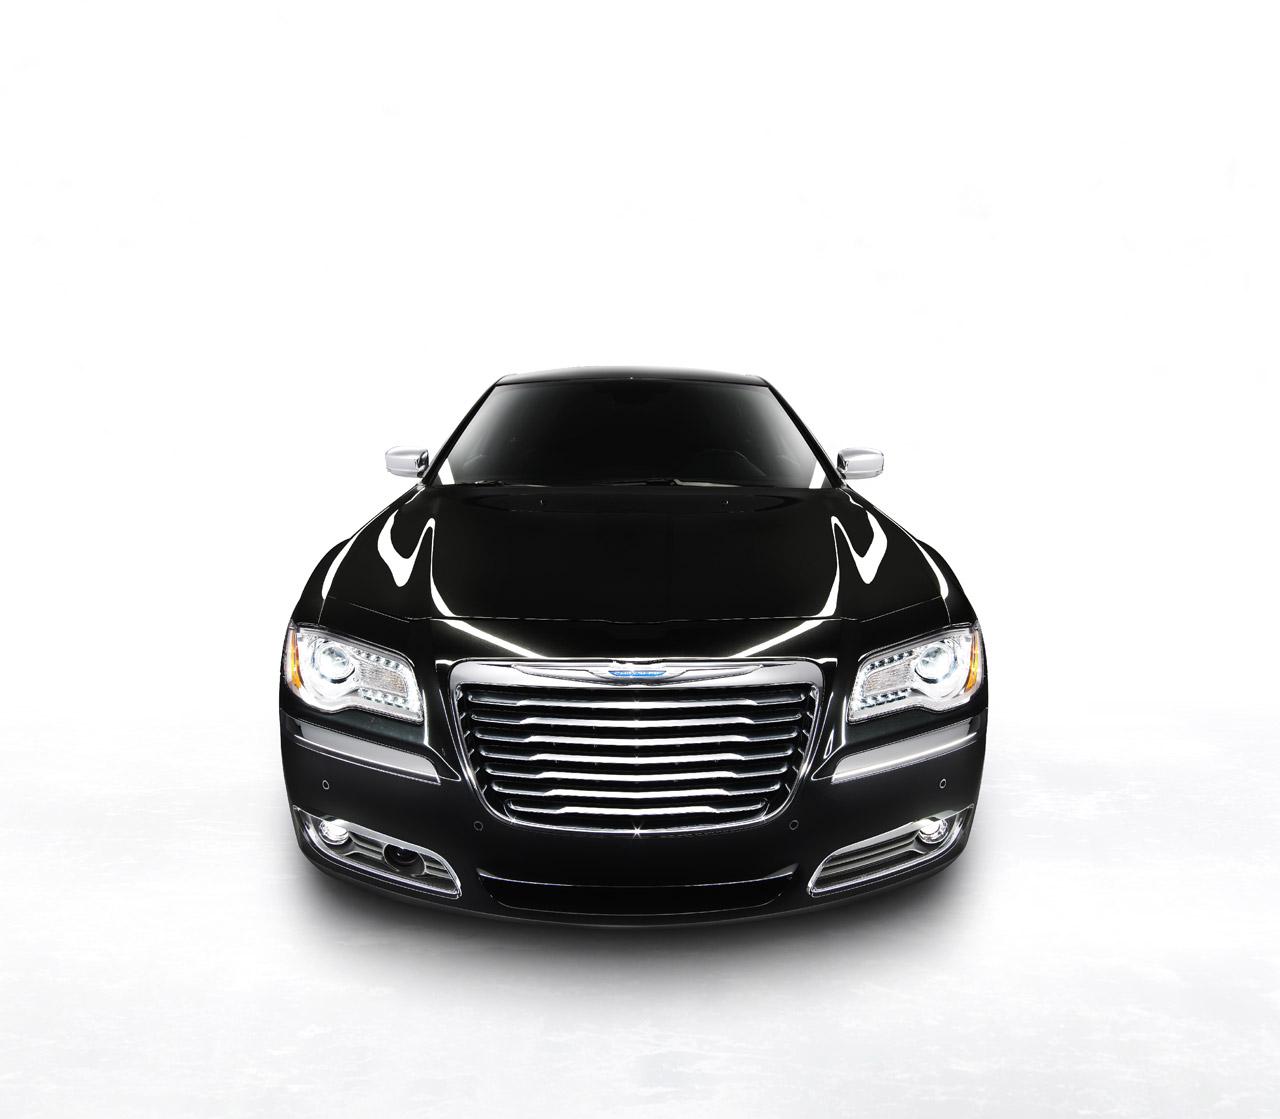 2011 Chrysler 300 Official Photos